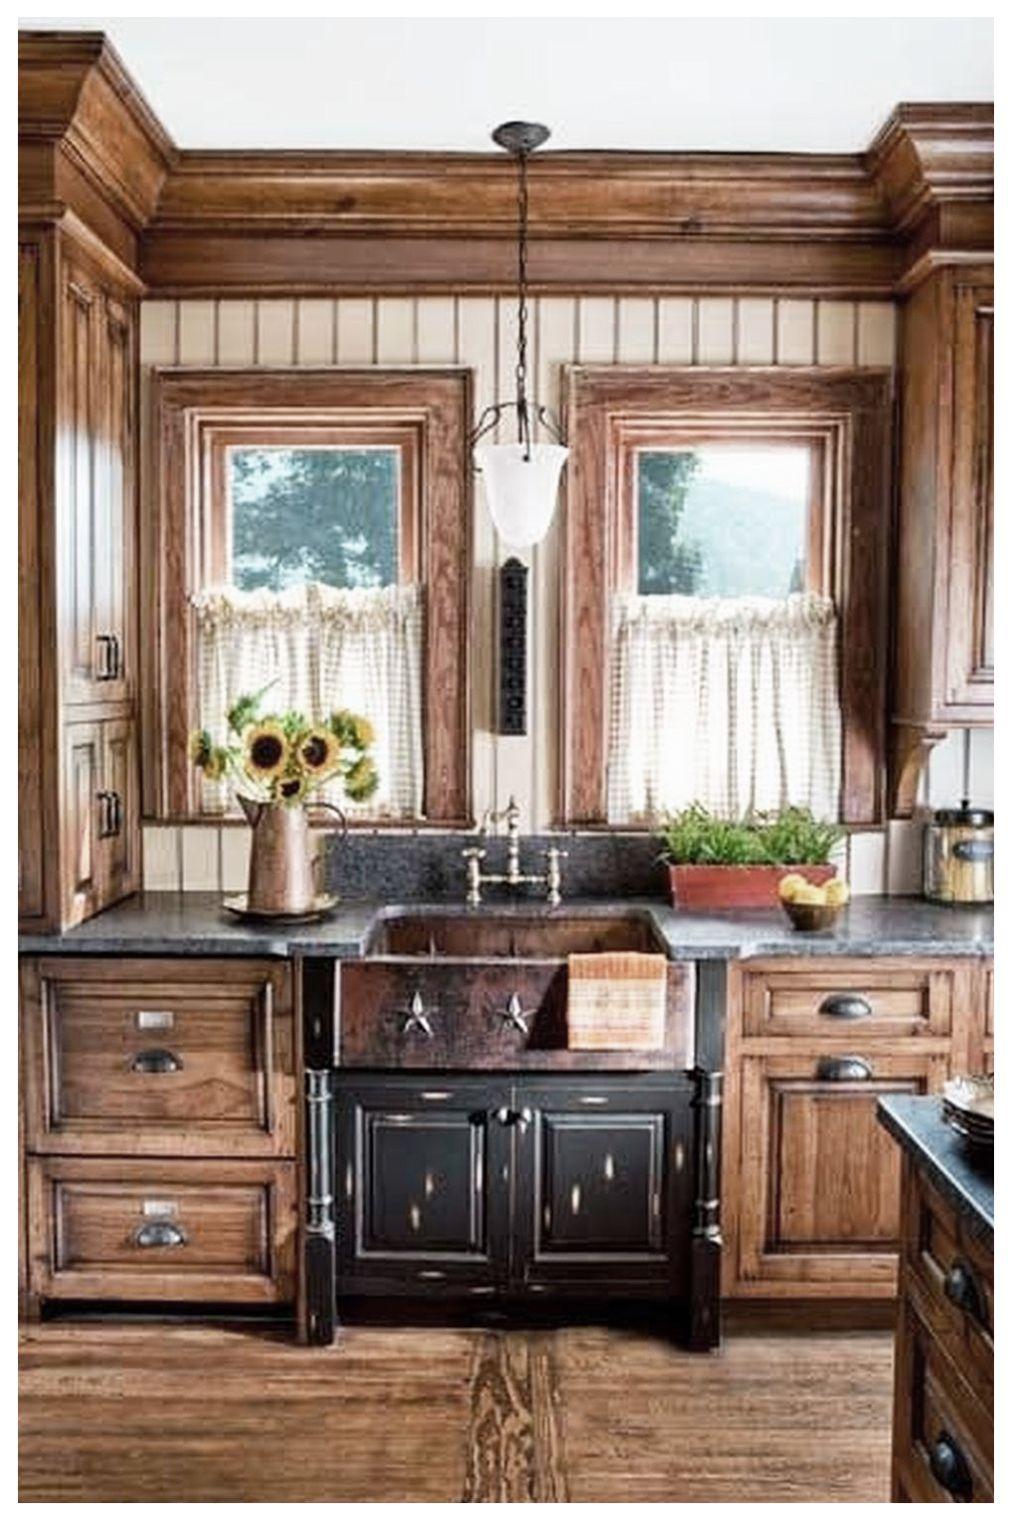 20 Fabulous Mediterranean Kitchen Design Elements Ideas In 2020 Small Rustic Kitchens Mediterranean Kitchen Design Interior Design Kitchen